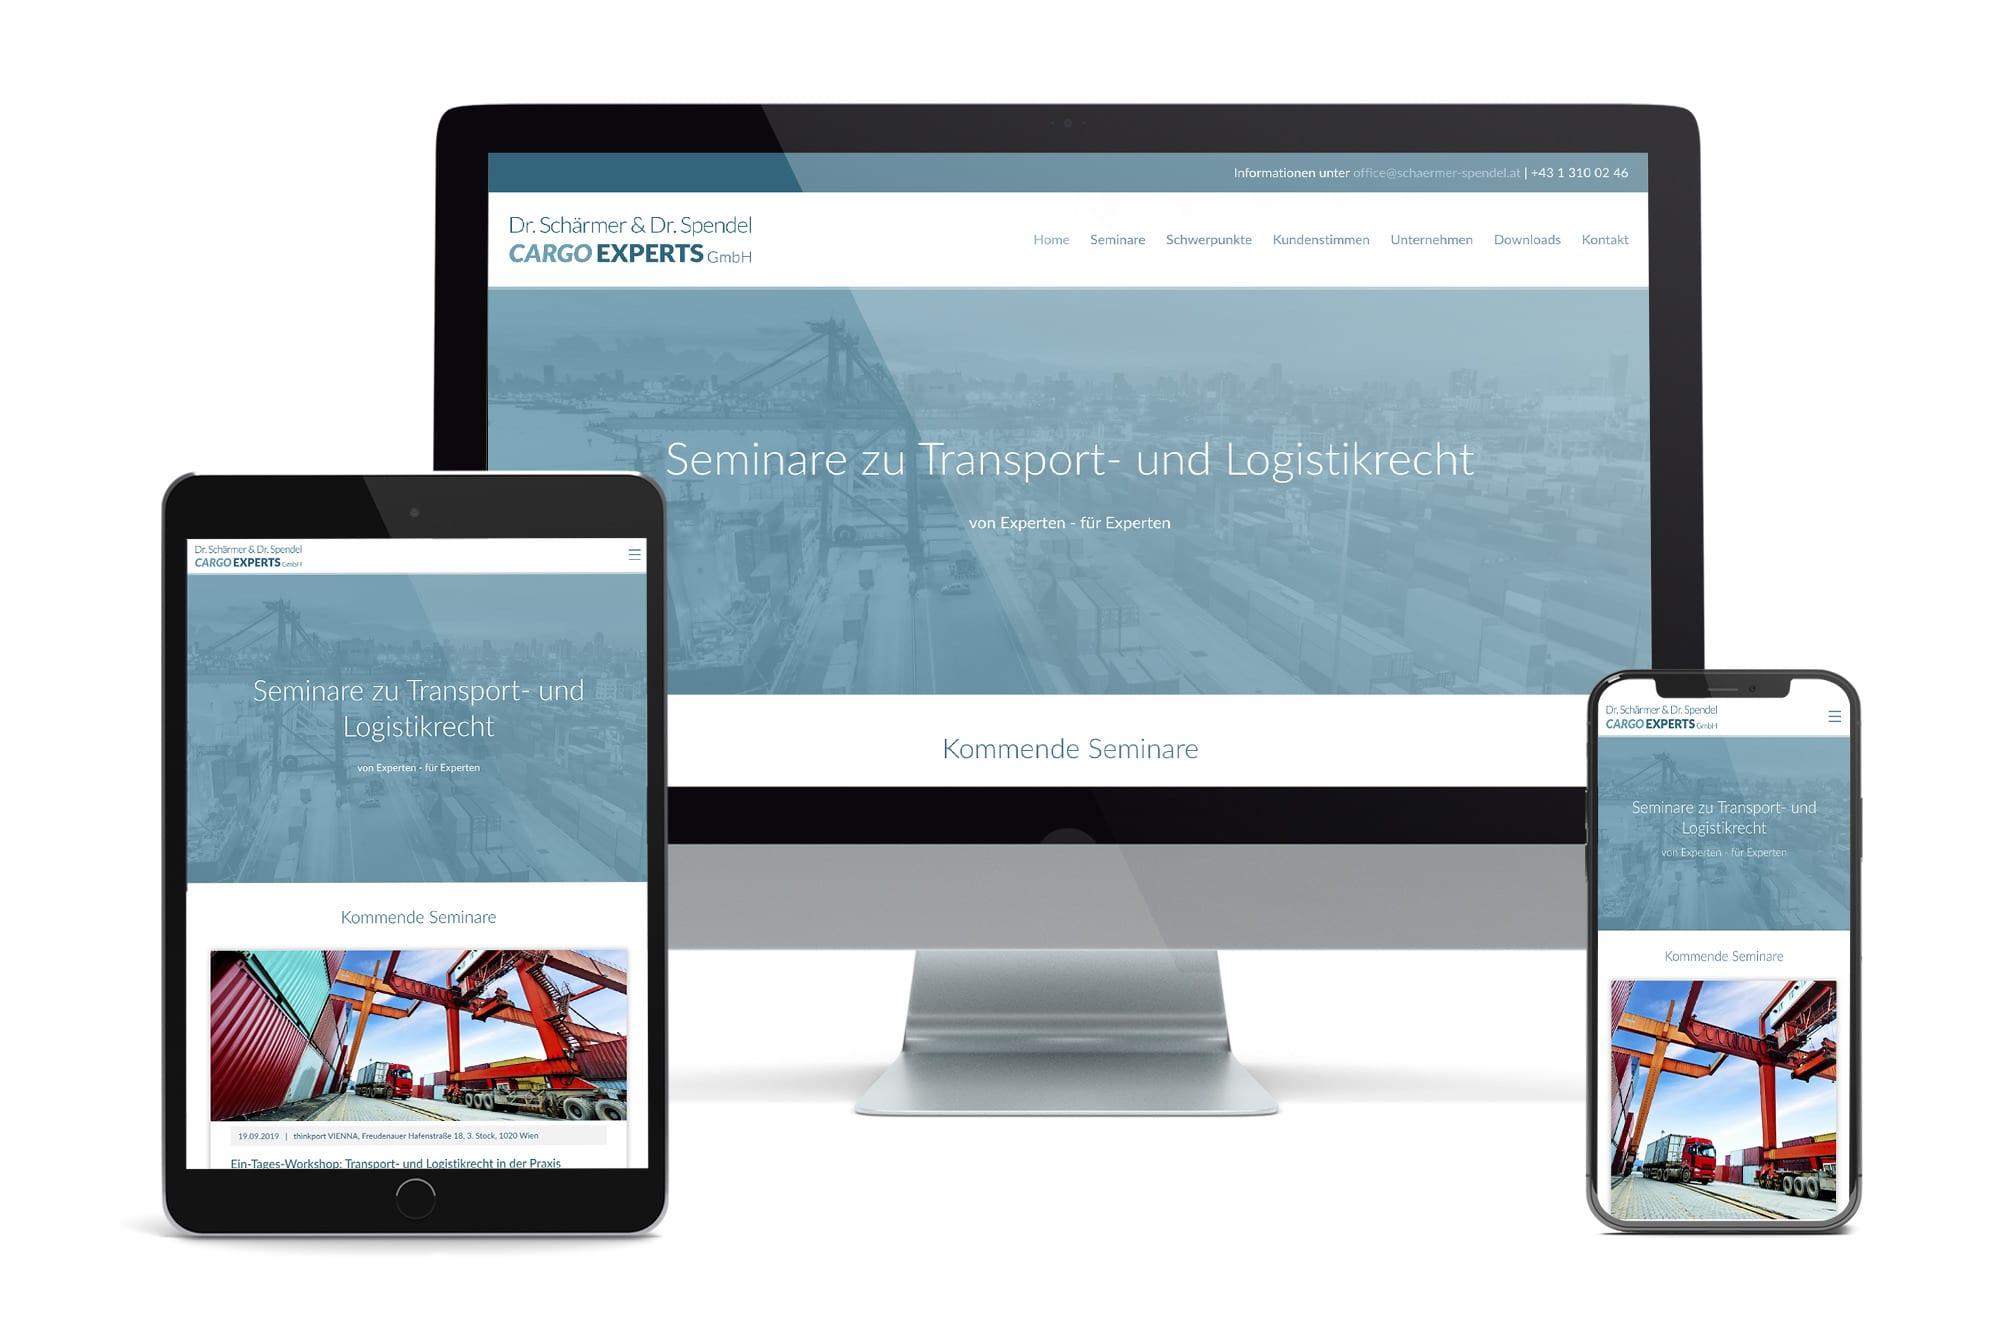 Webdesign Beispiel: Neue Website für Rechtsanwalt Wien und Seminarveranstalter